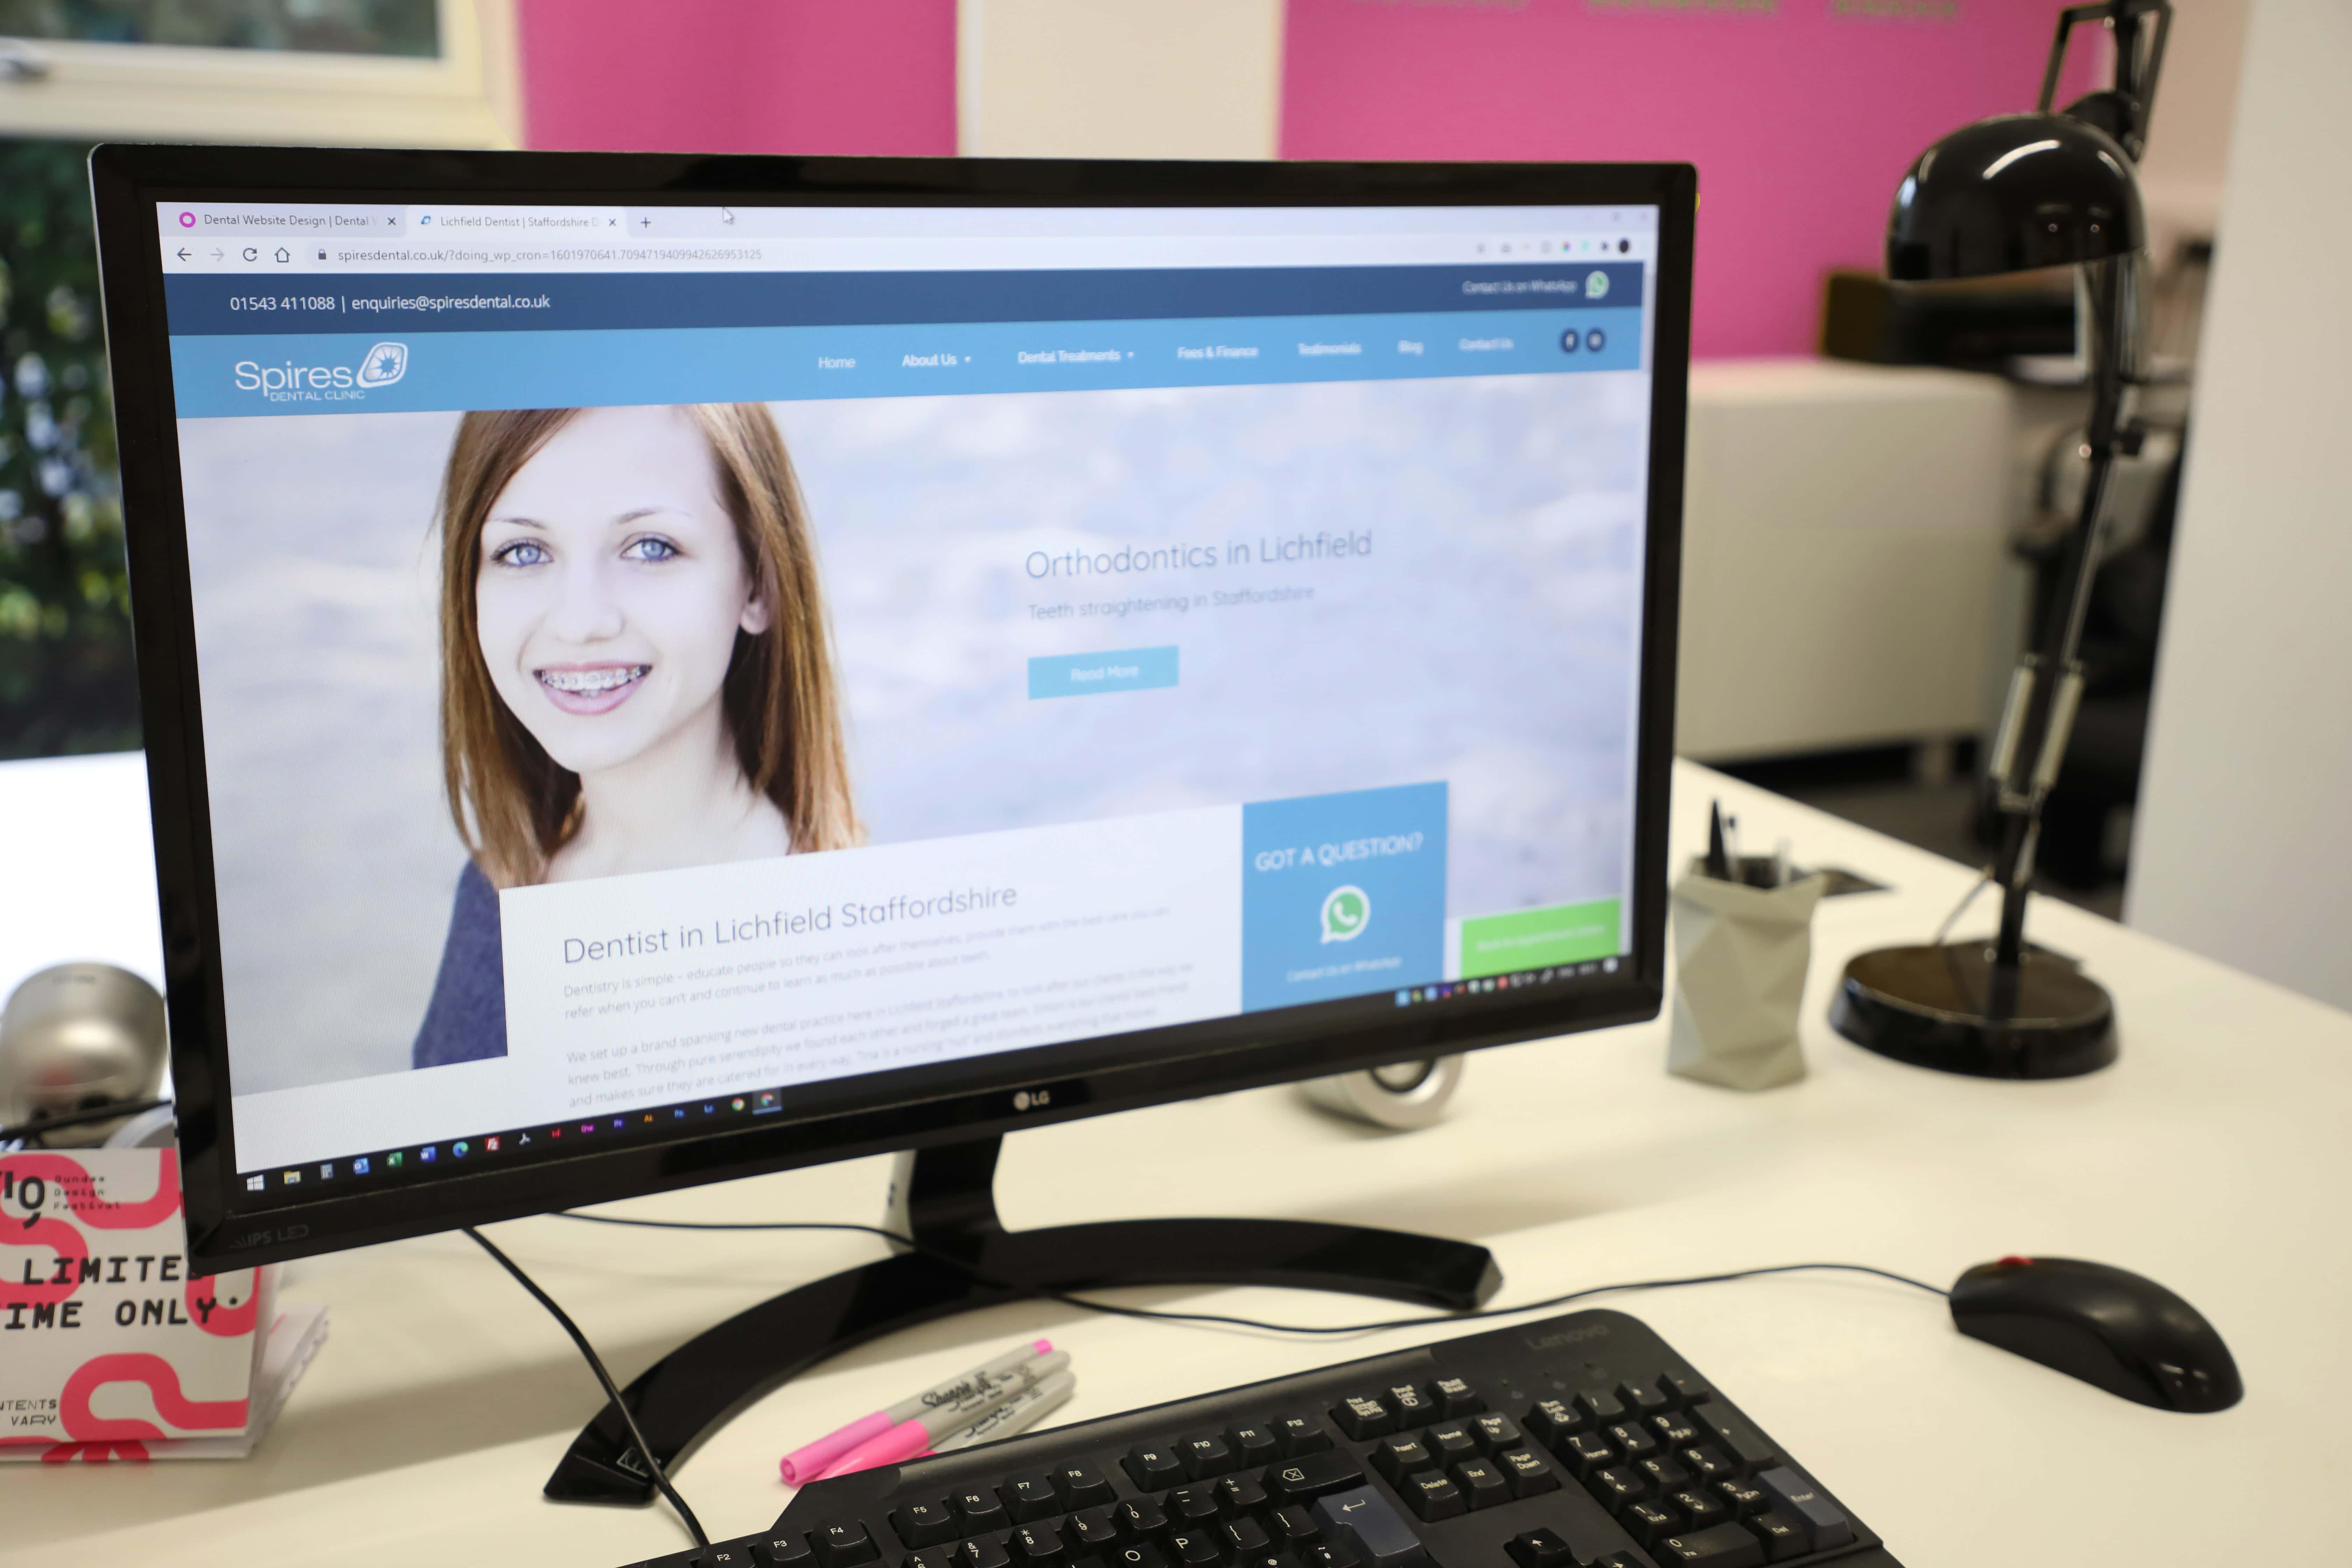 lichfield dentist website design